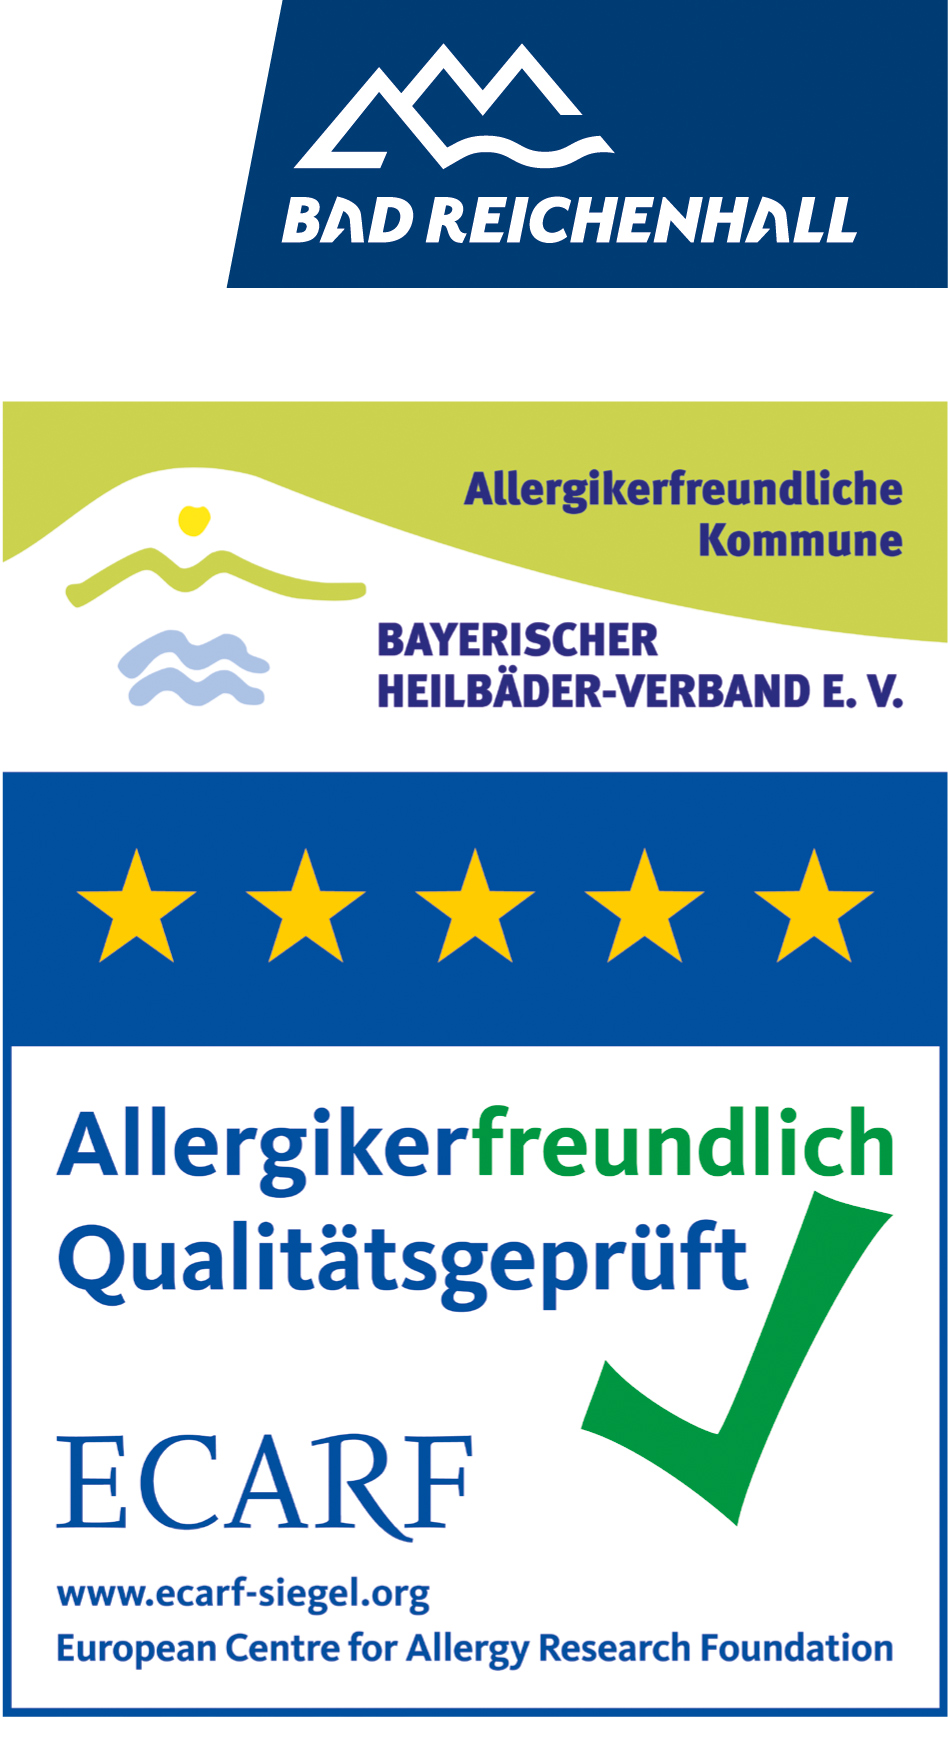 Allergikerfreundliche Kommune